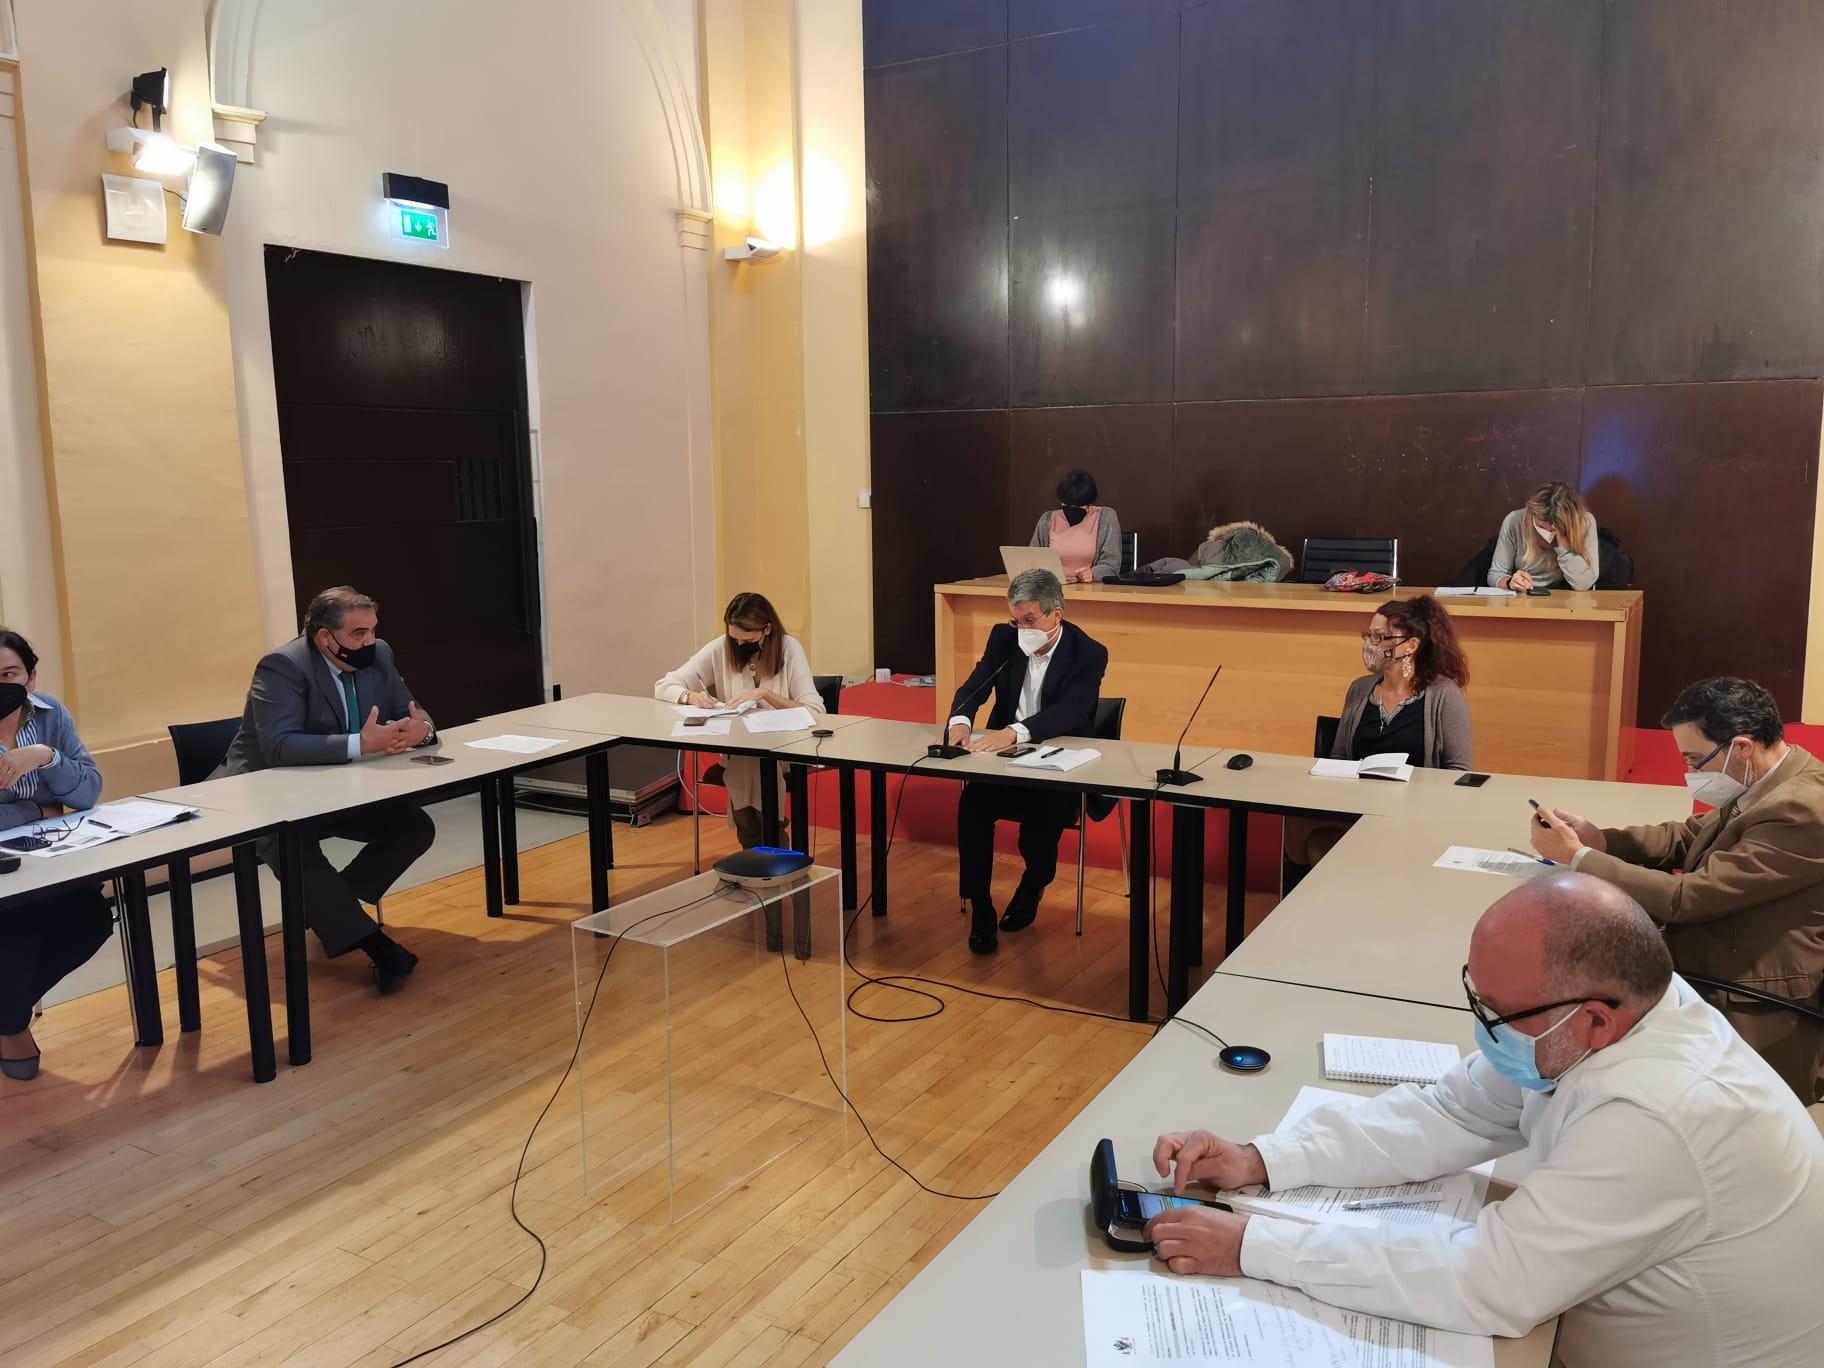 La Comisión de Hacienda aprueba 9,5 millones de euros para inversiones en infraestructuras y obra pública para la reactivación